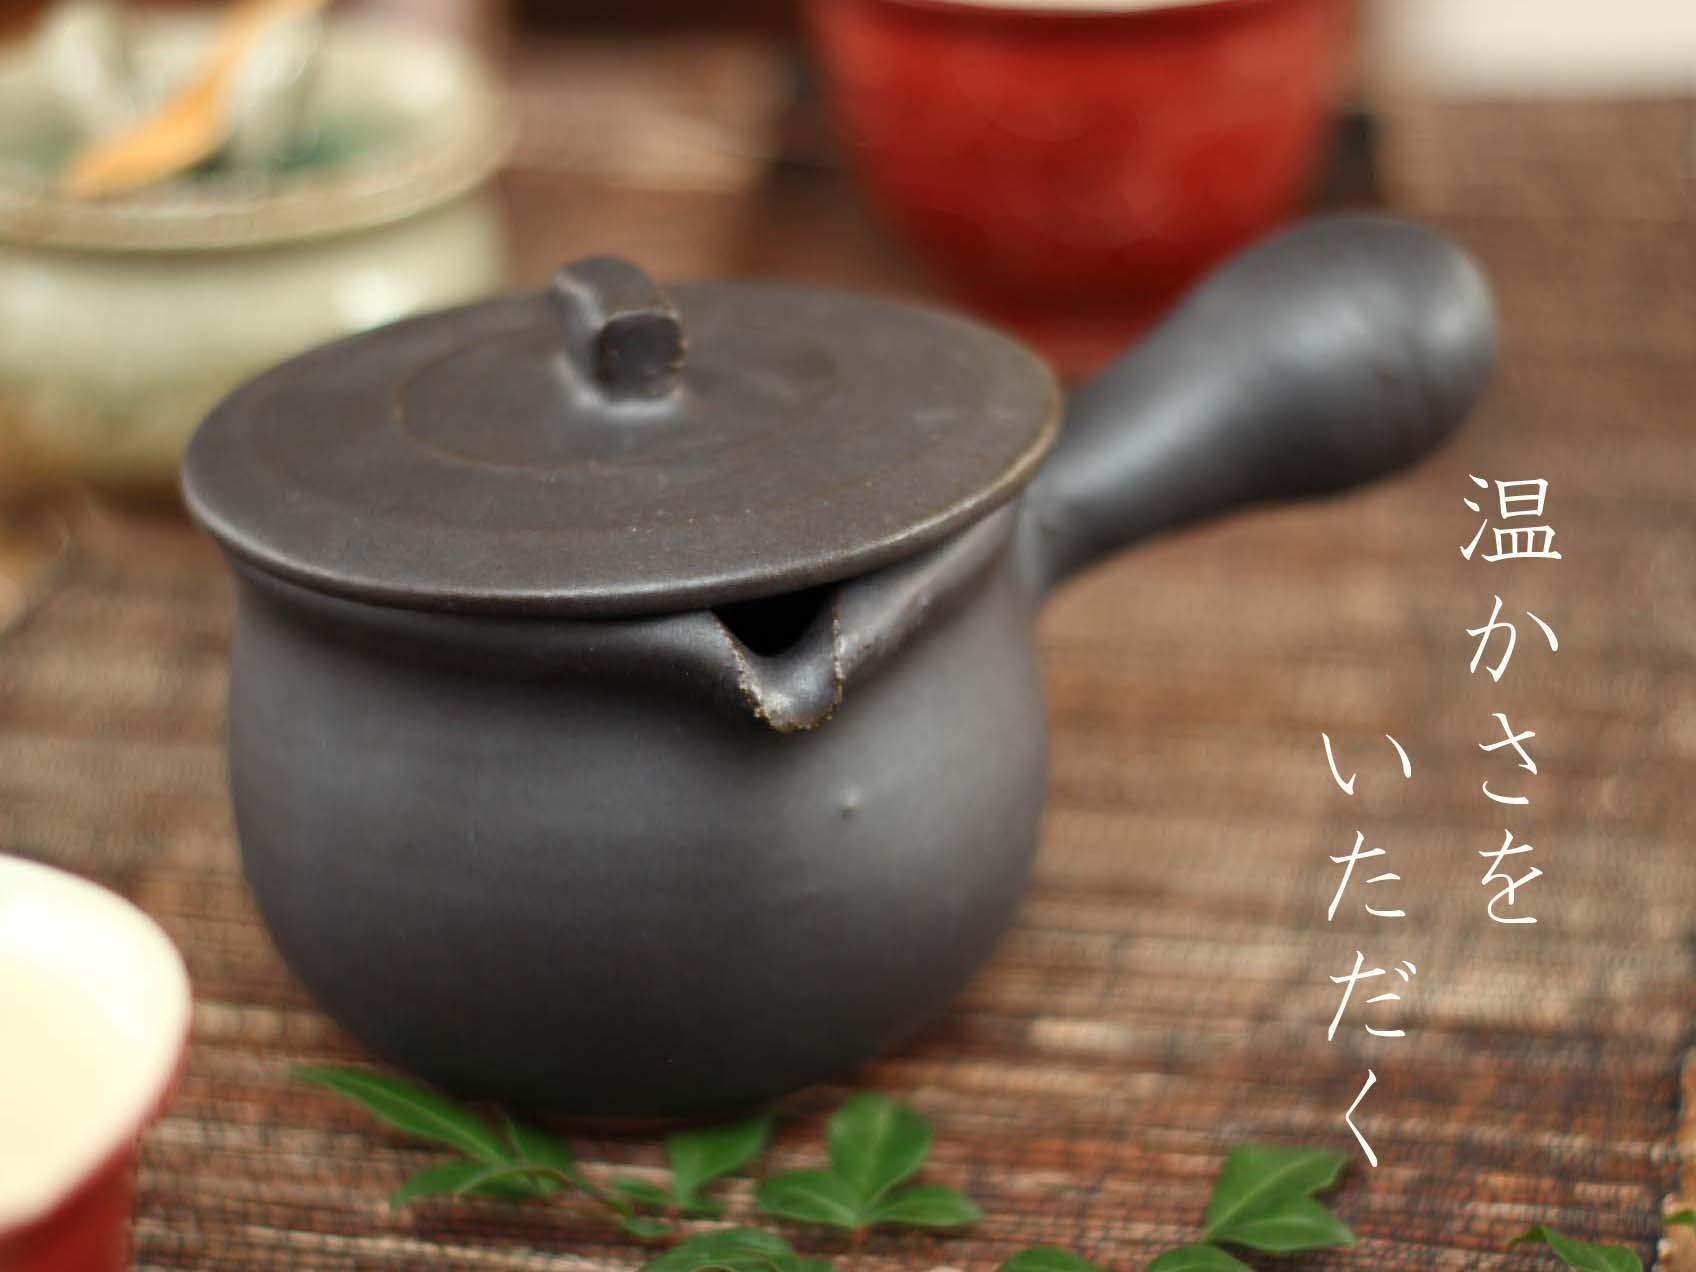 黒釉ミルクパン 馬場勝文